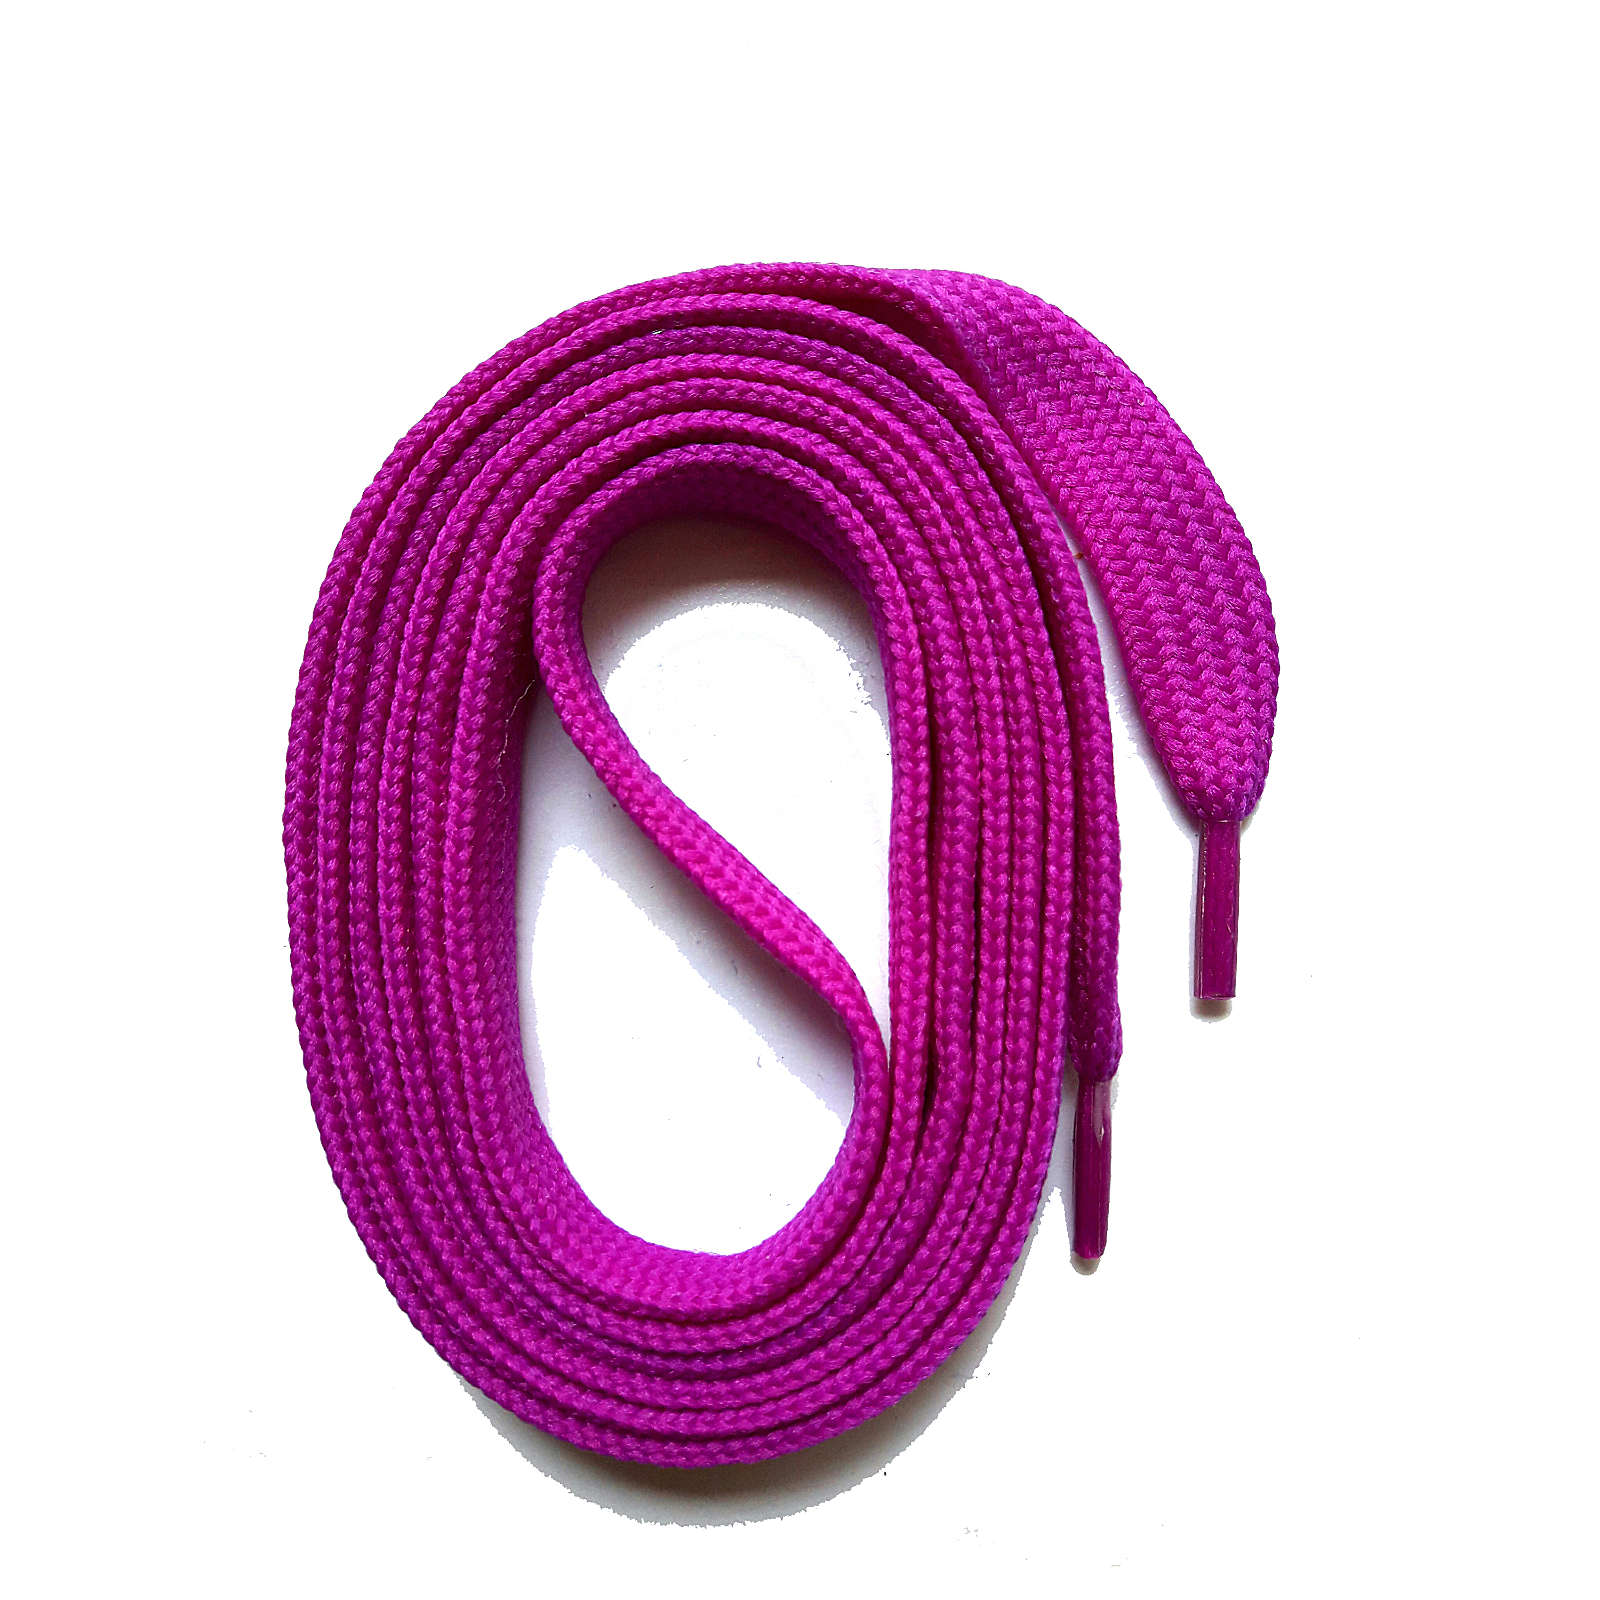 SNORS shoefriends SNORS Schnürsenkel flach 100-145cm, 11mm aus Polyester Schnürsenkel violett Gr. 100